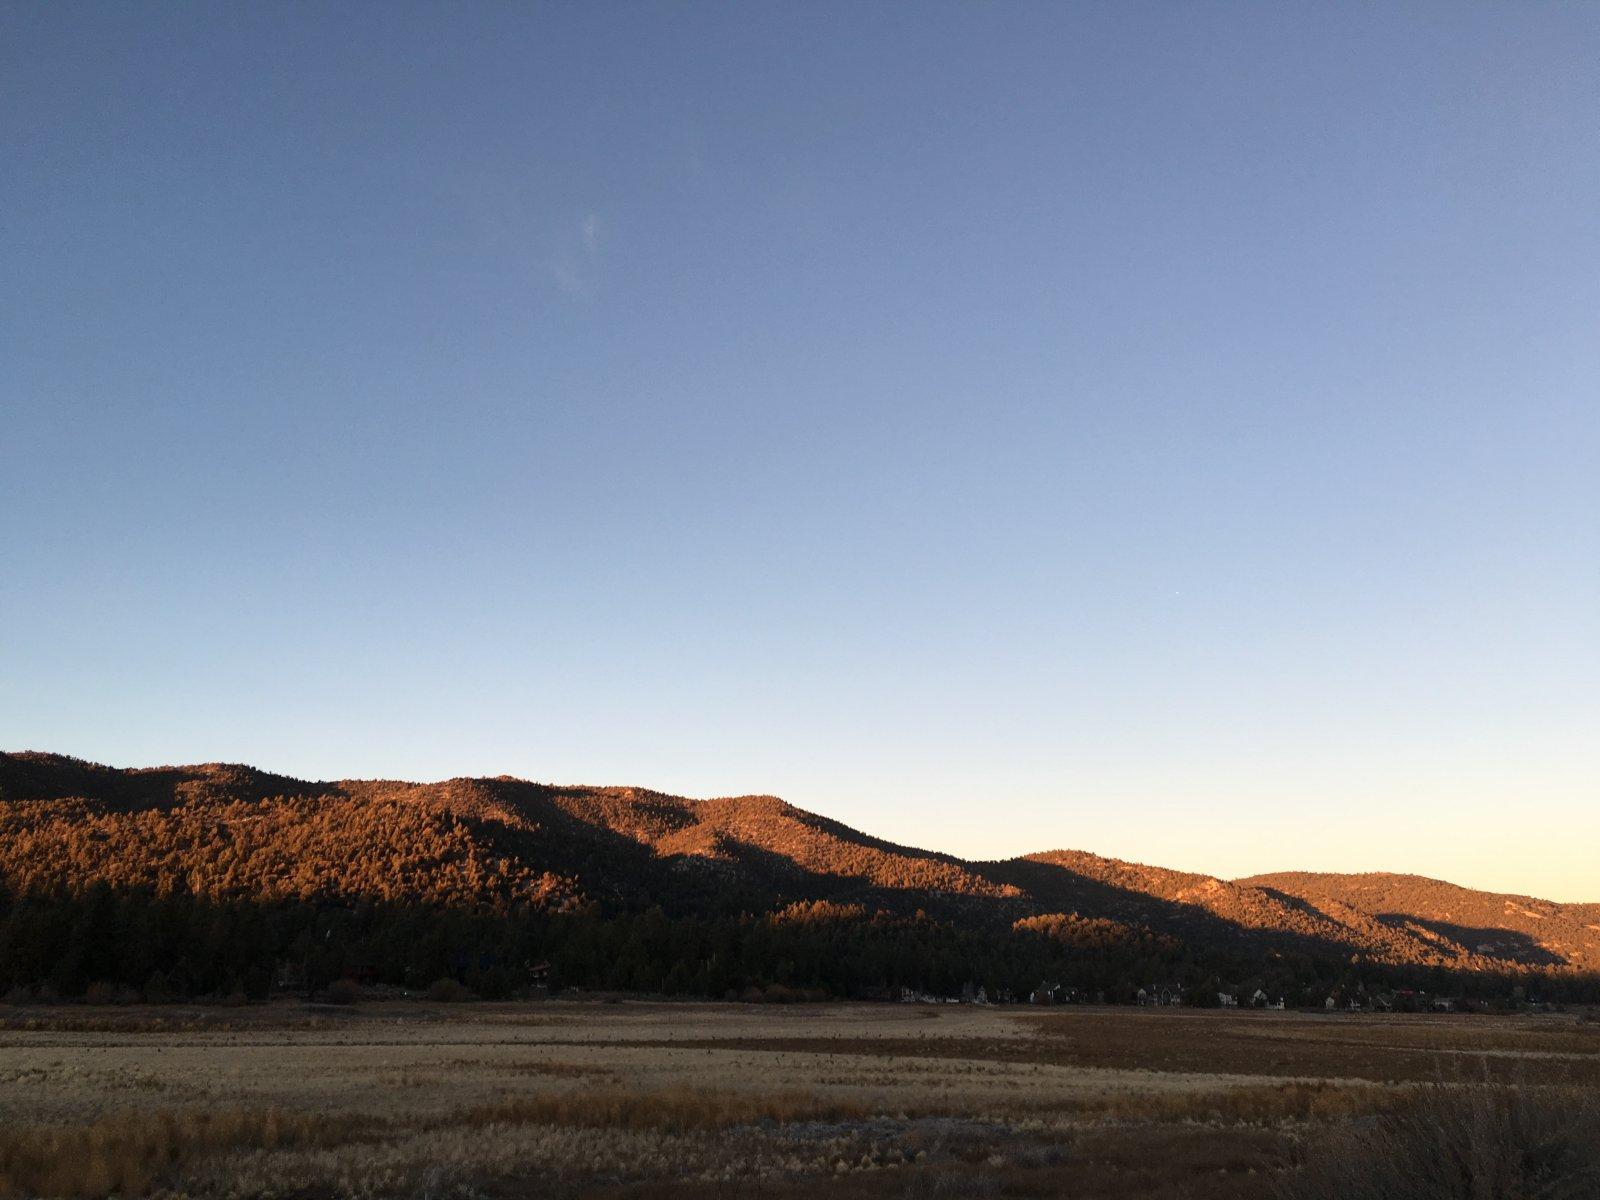 Mountains at Big Bear Lake